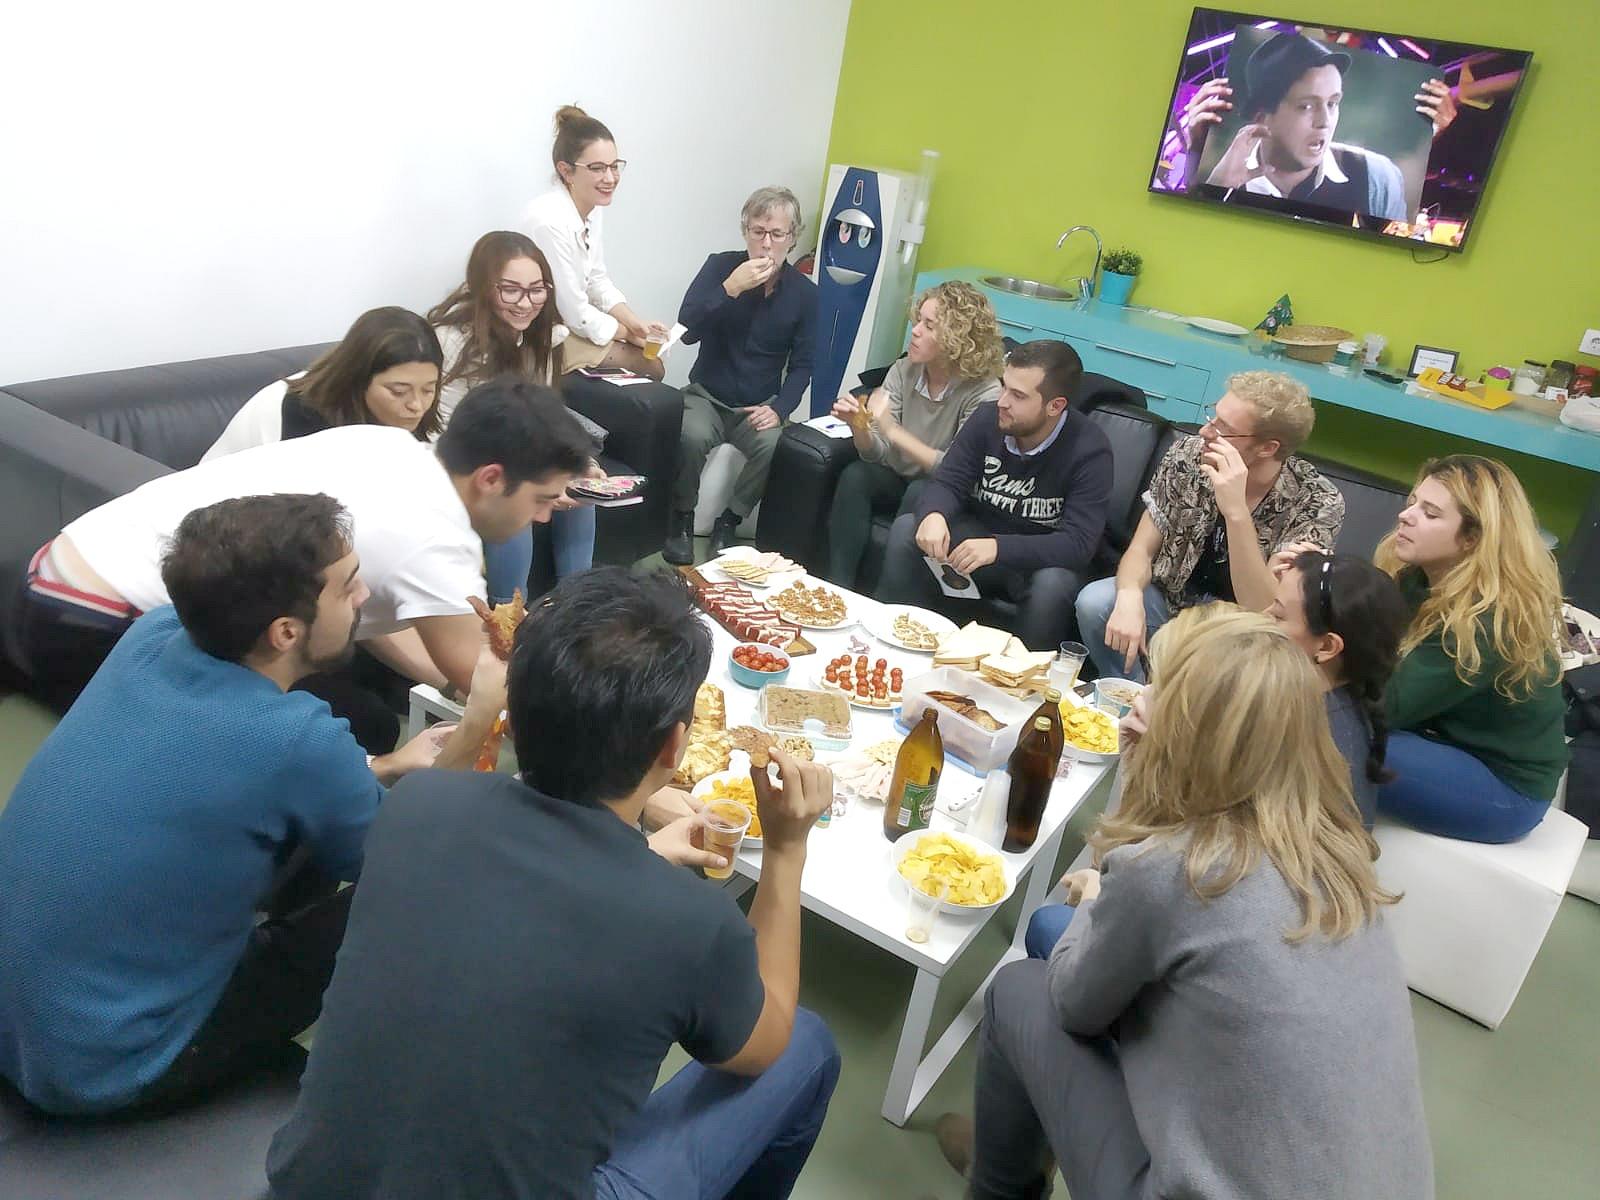 Grupo de alumnos durante la celebración de Thanksgiving en la academia de inglés What's Up!